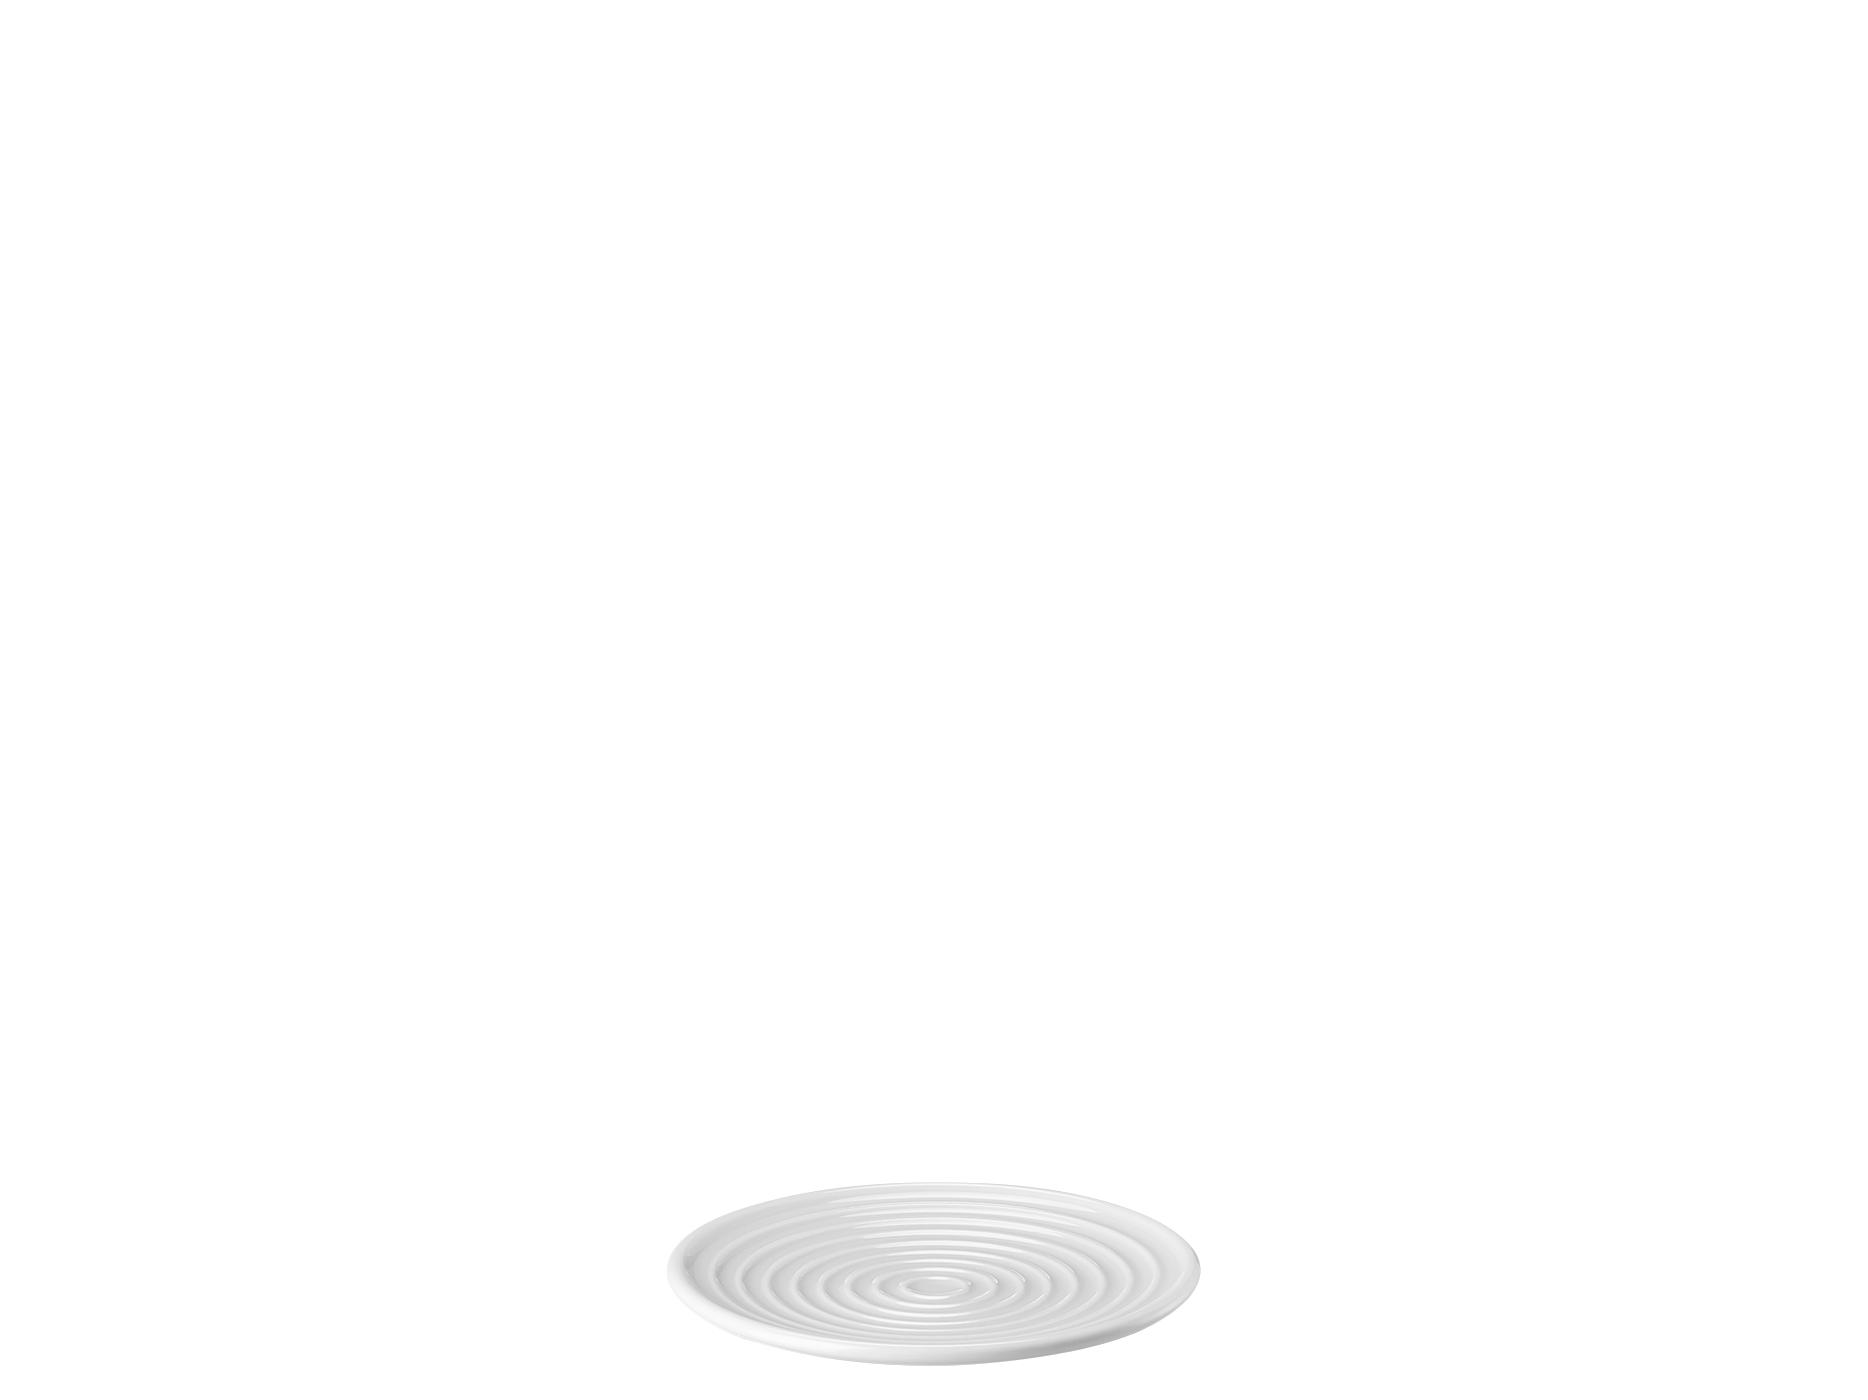 Teller flachPlate flat[Französisch] Piatto piano